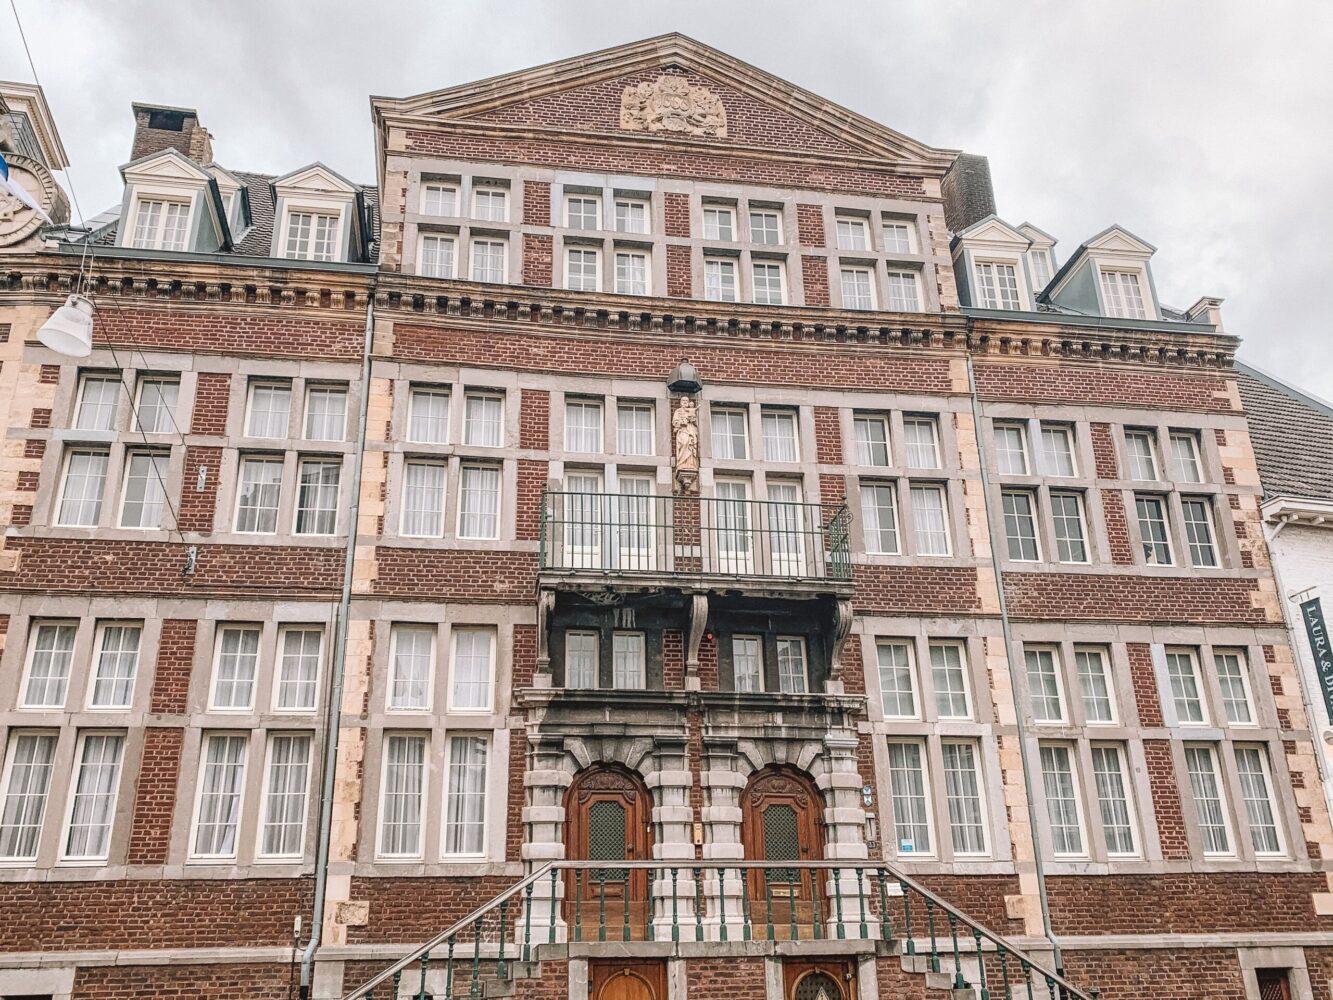 Het Gezinsleven - Uitstapjes - Bezienswaardigheden in Roermond - Huis de Steenen trappen